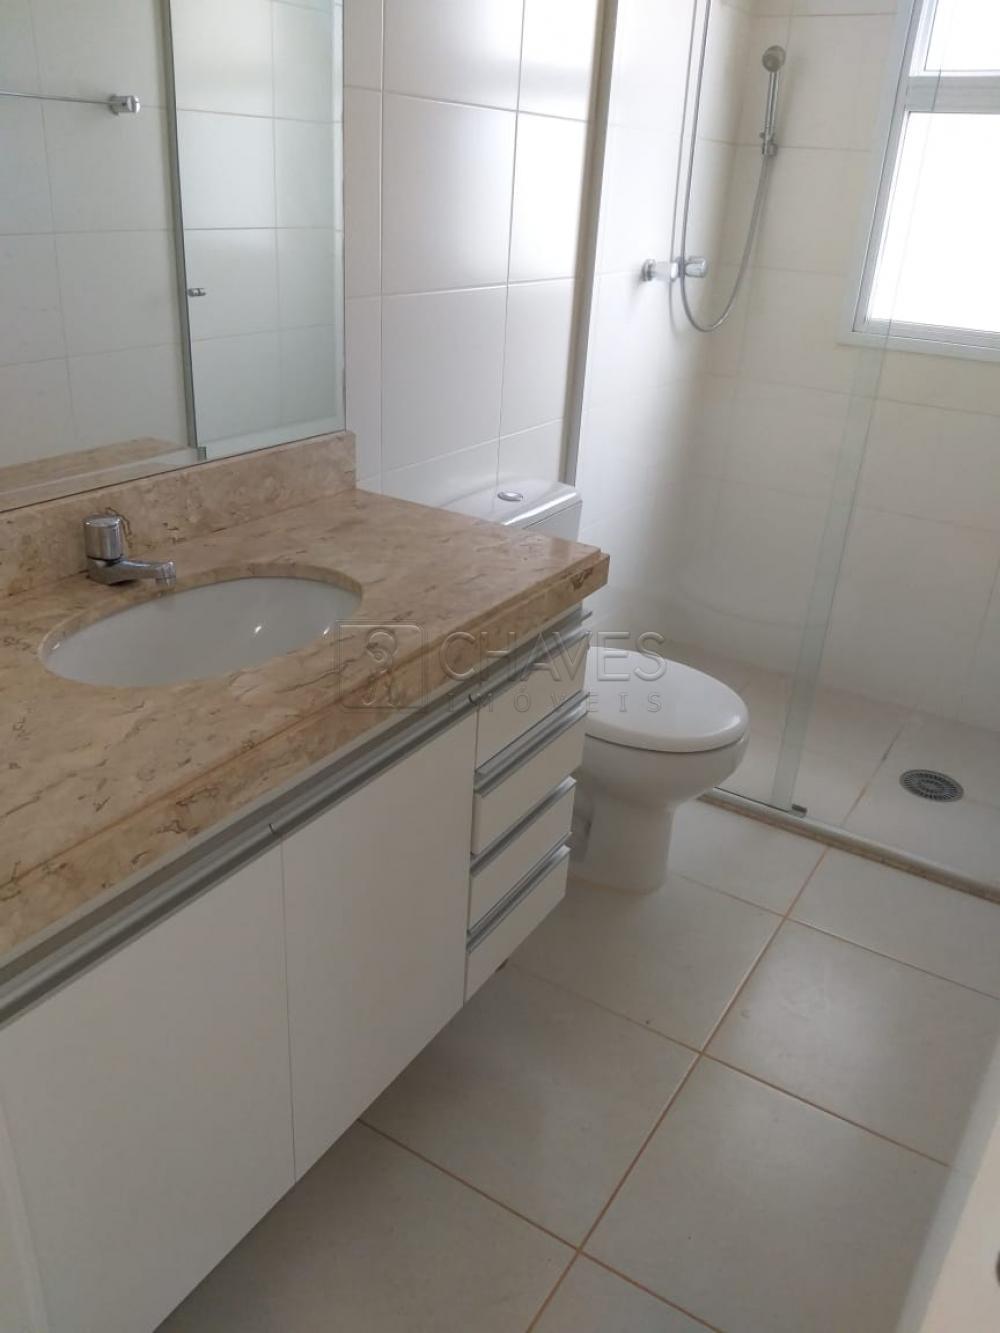 Comprar Apartamento / Padrão em Ribeirão Preto apenas R$ 590.000,00 - Foto 16